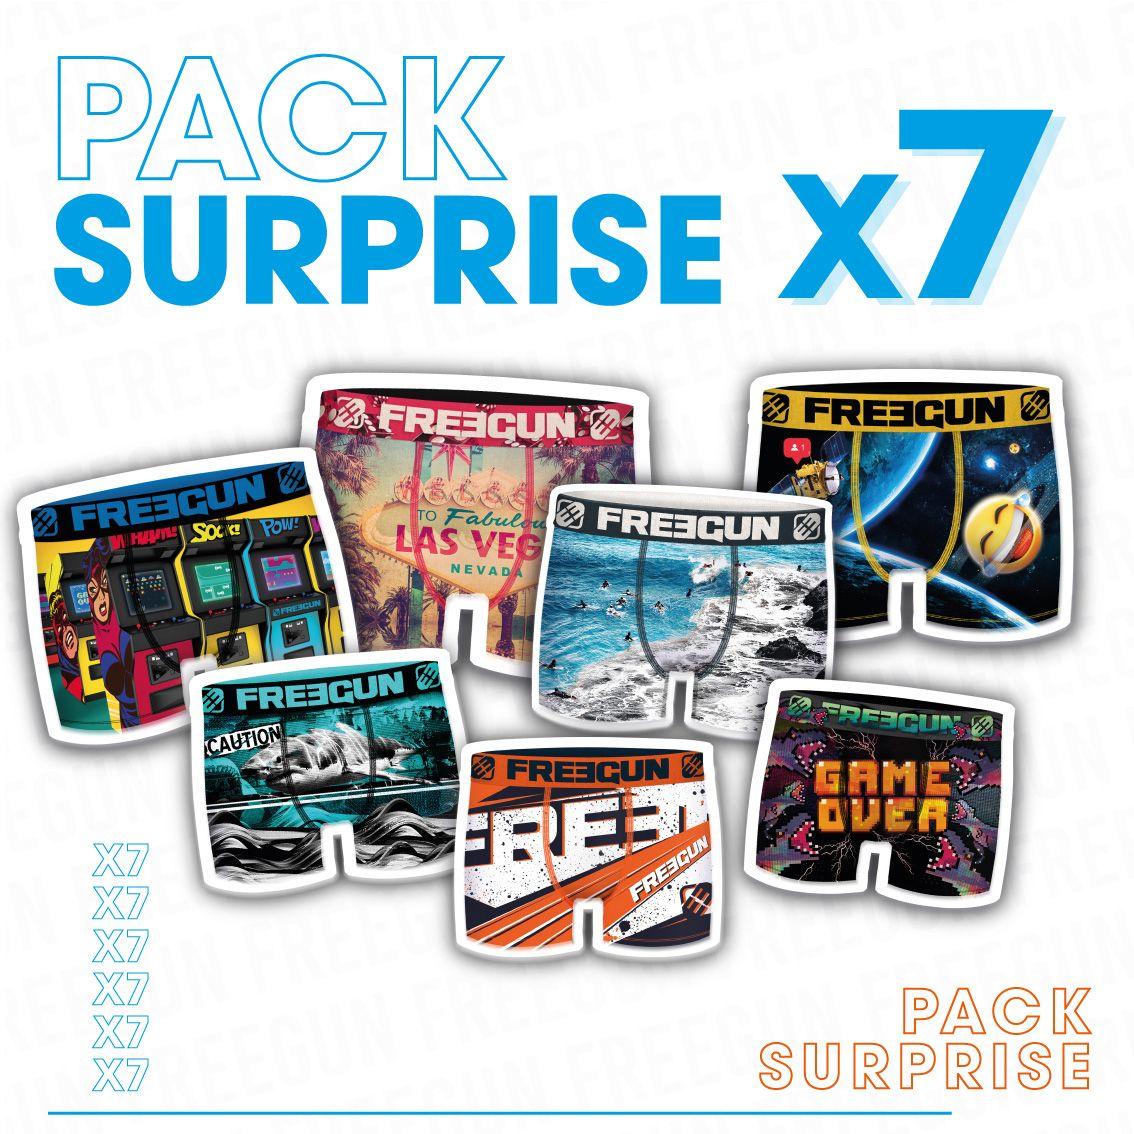 Pack surprise de 7 boxers freegun microfibre garçon